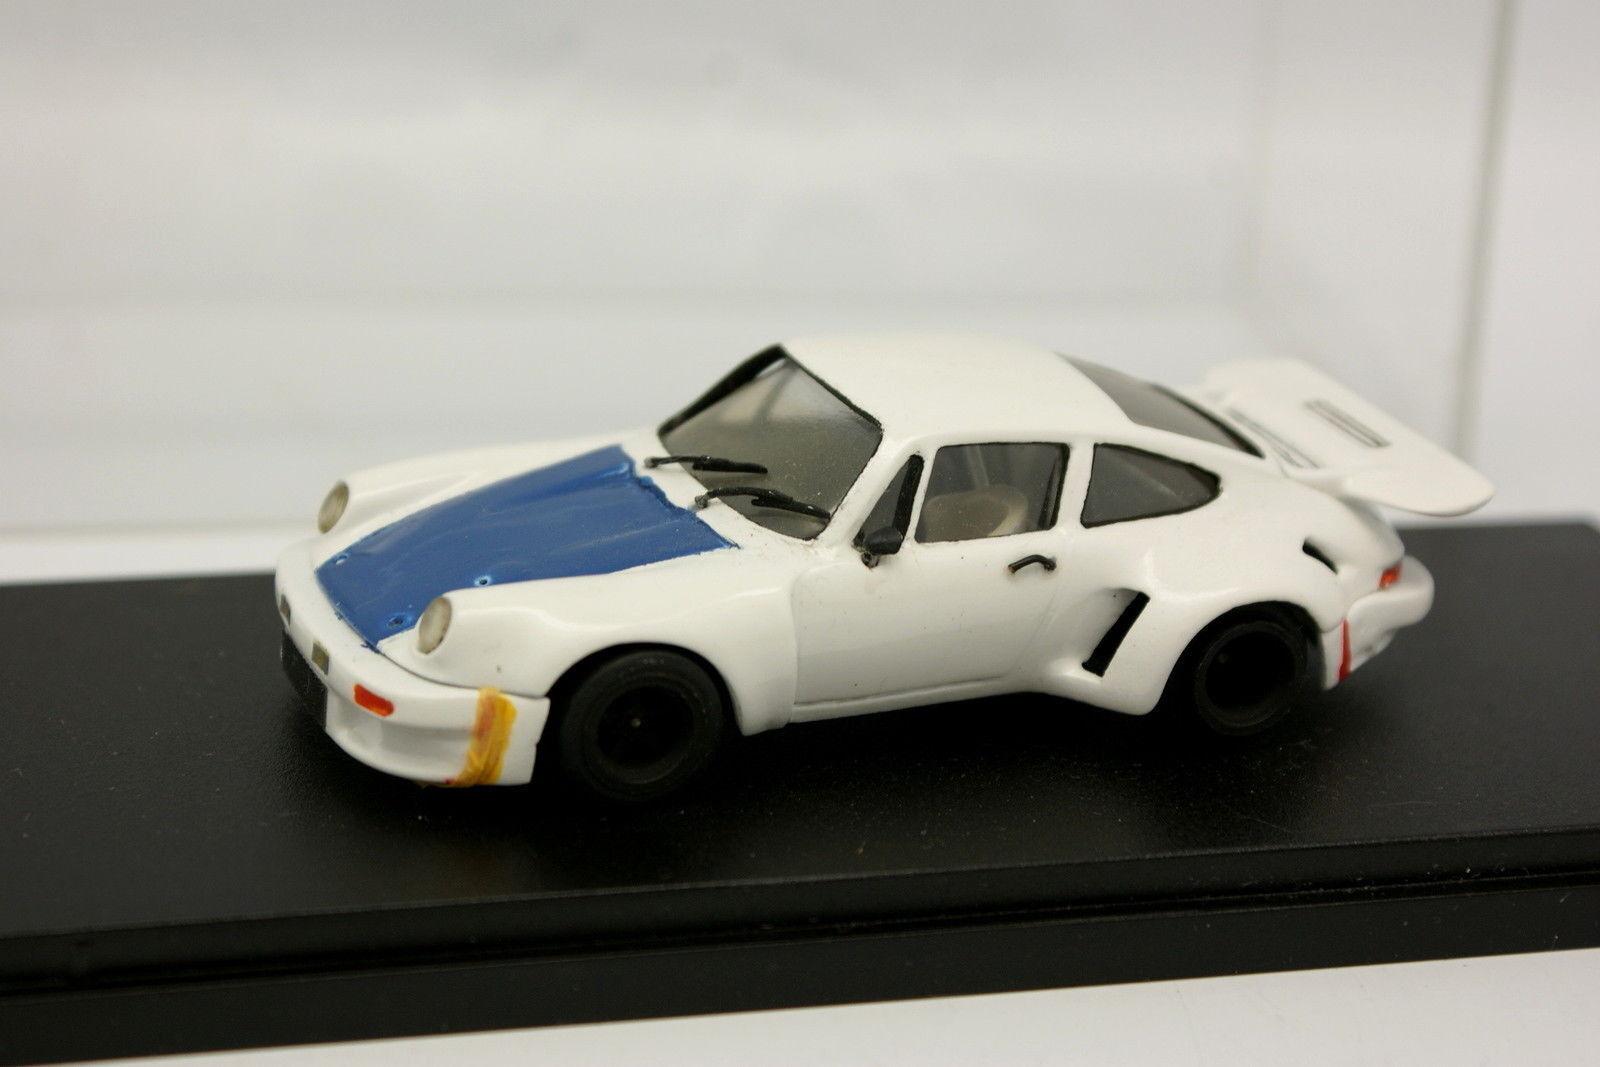 AMR 1 43 - Porsche 911 Carrera Buchet biancahe blue